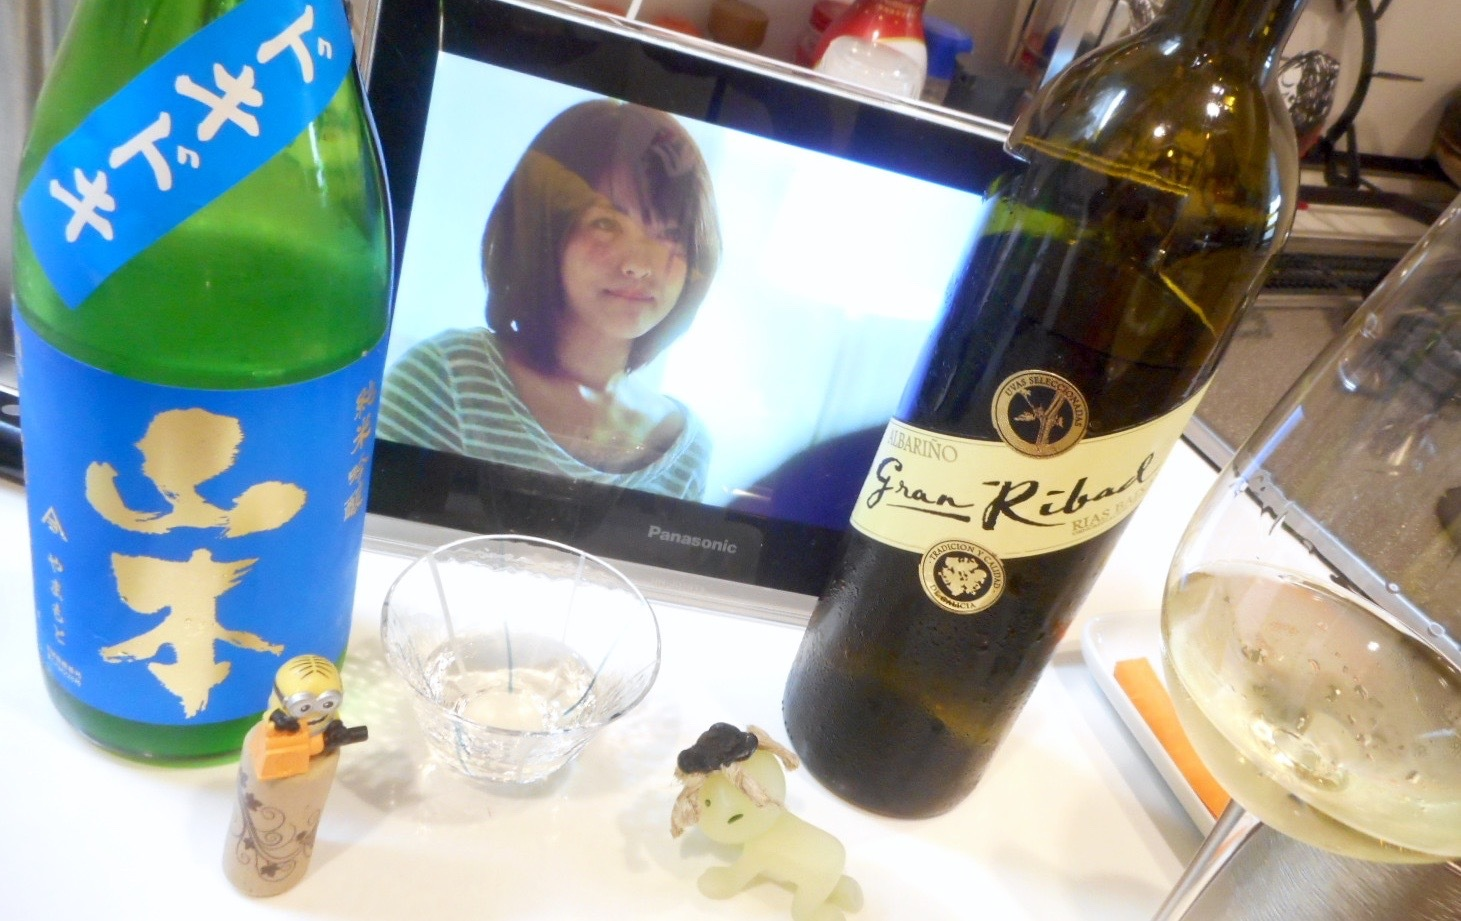 yamamoto_dokidoki29by6.jpg